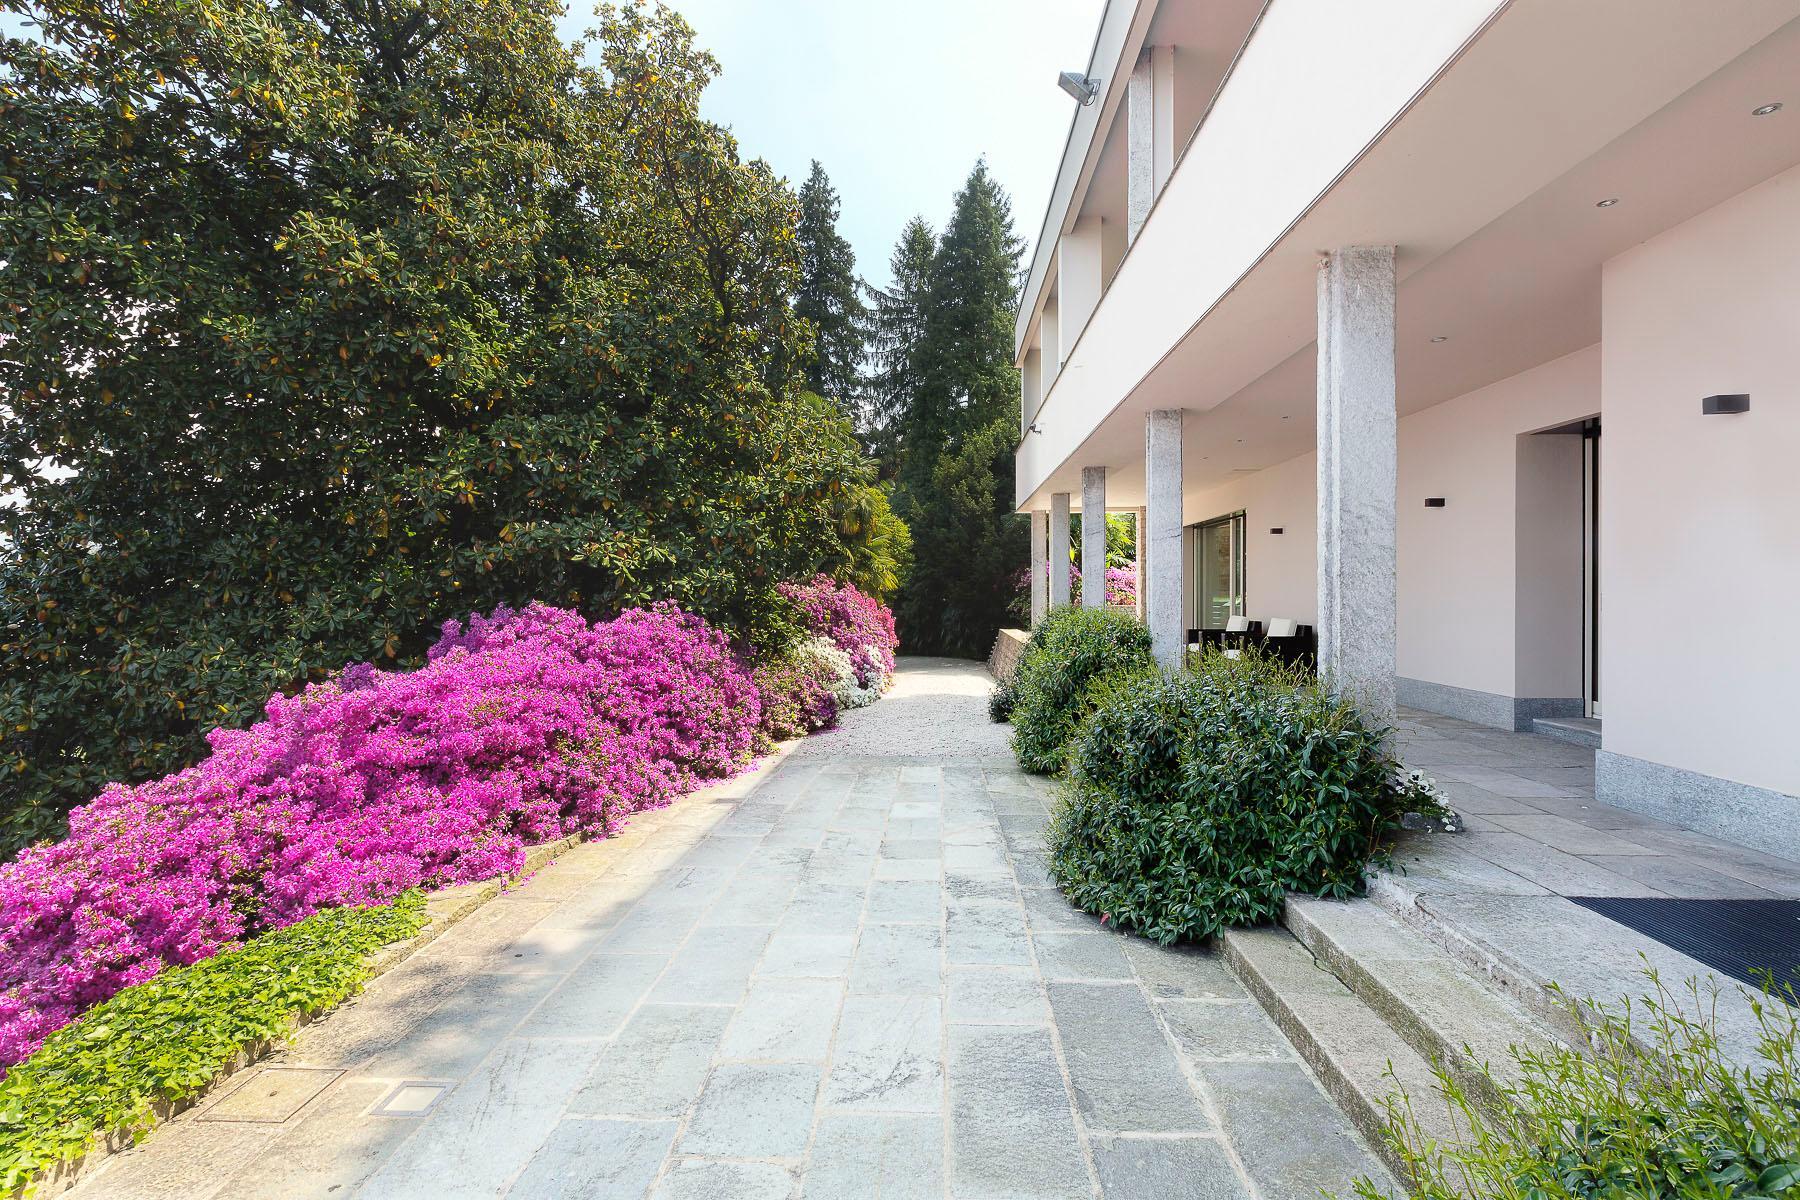 Stresa小镇具有现代化风格的迷人别墅 - 6